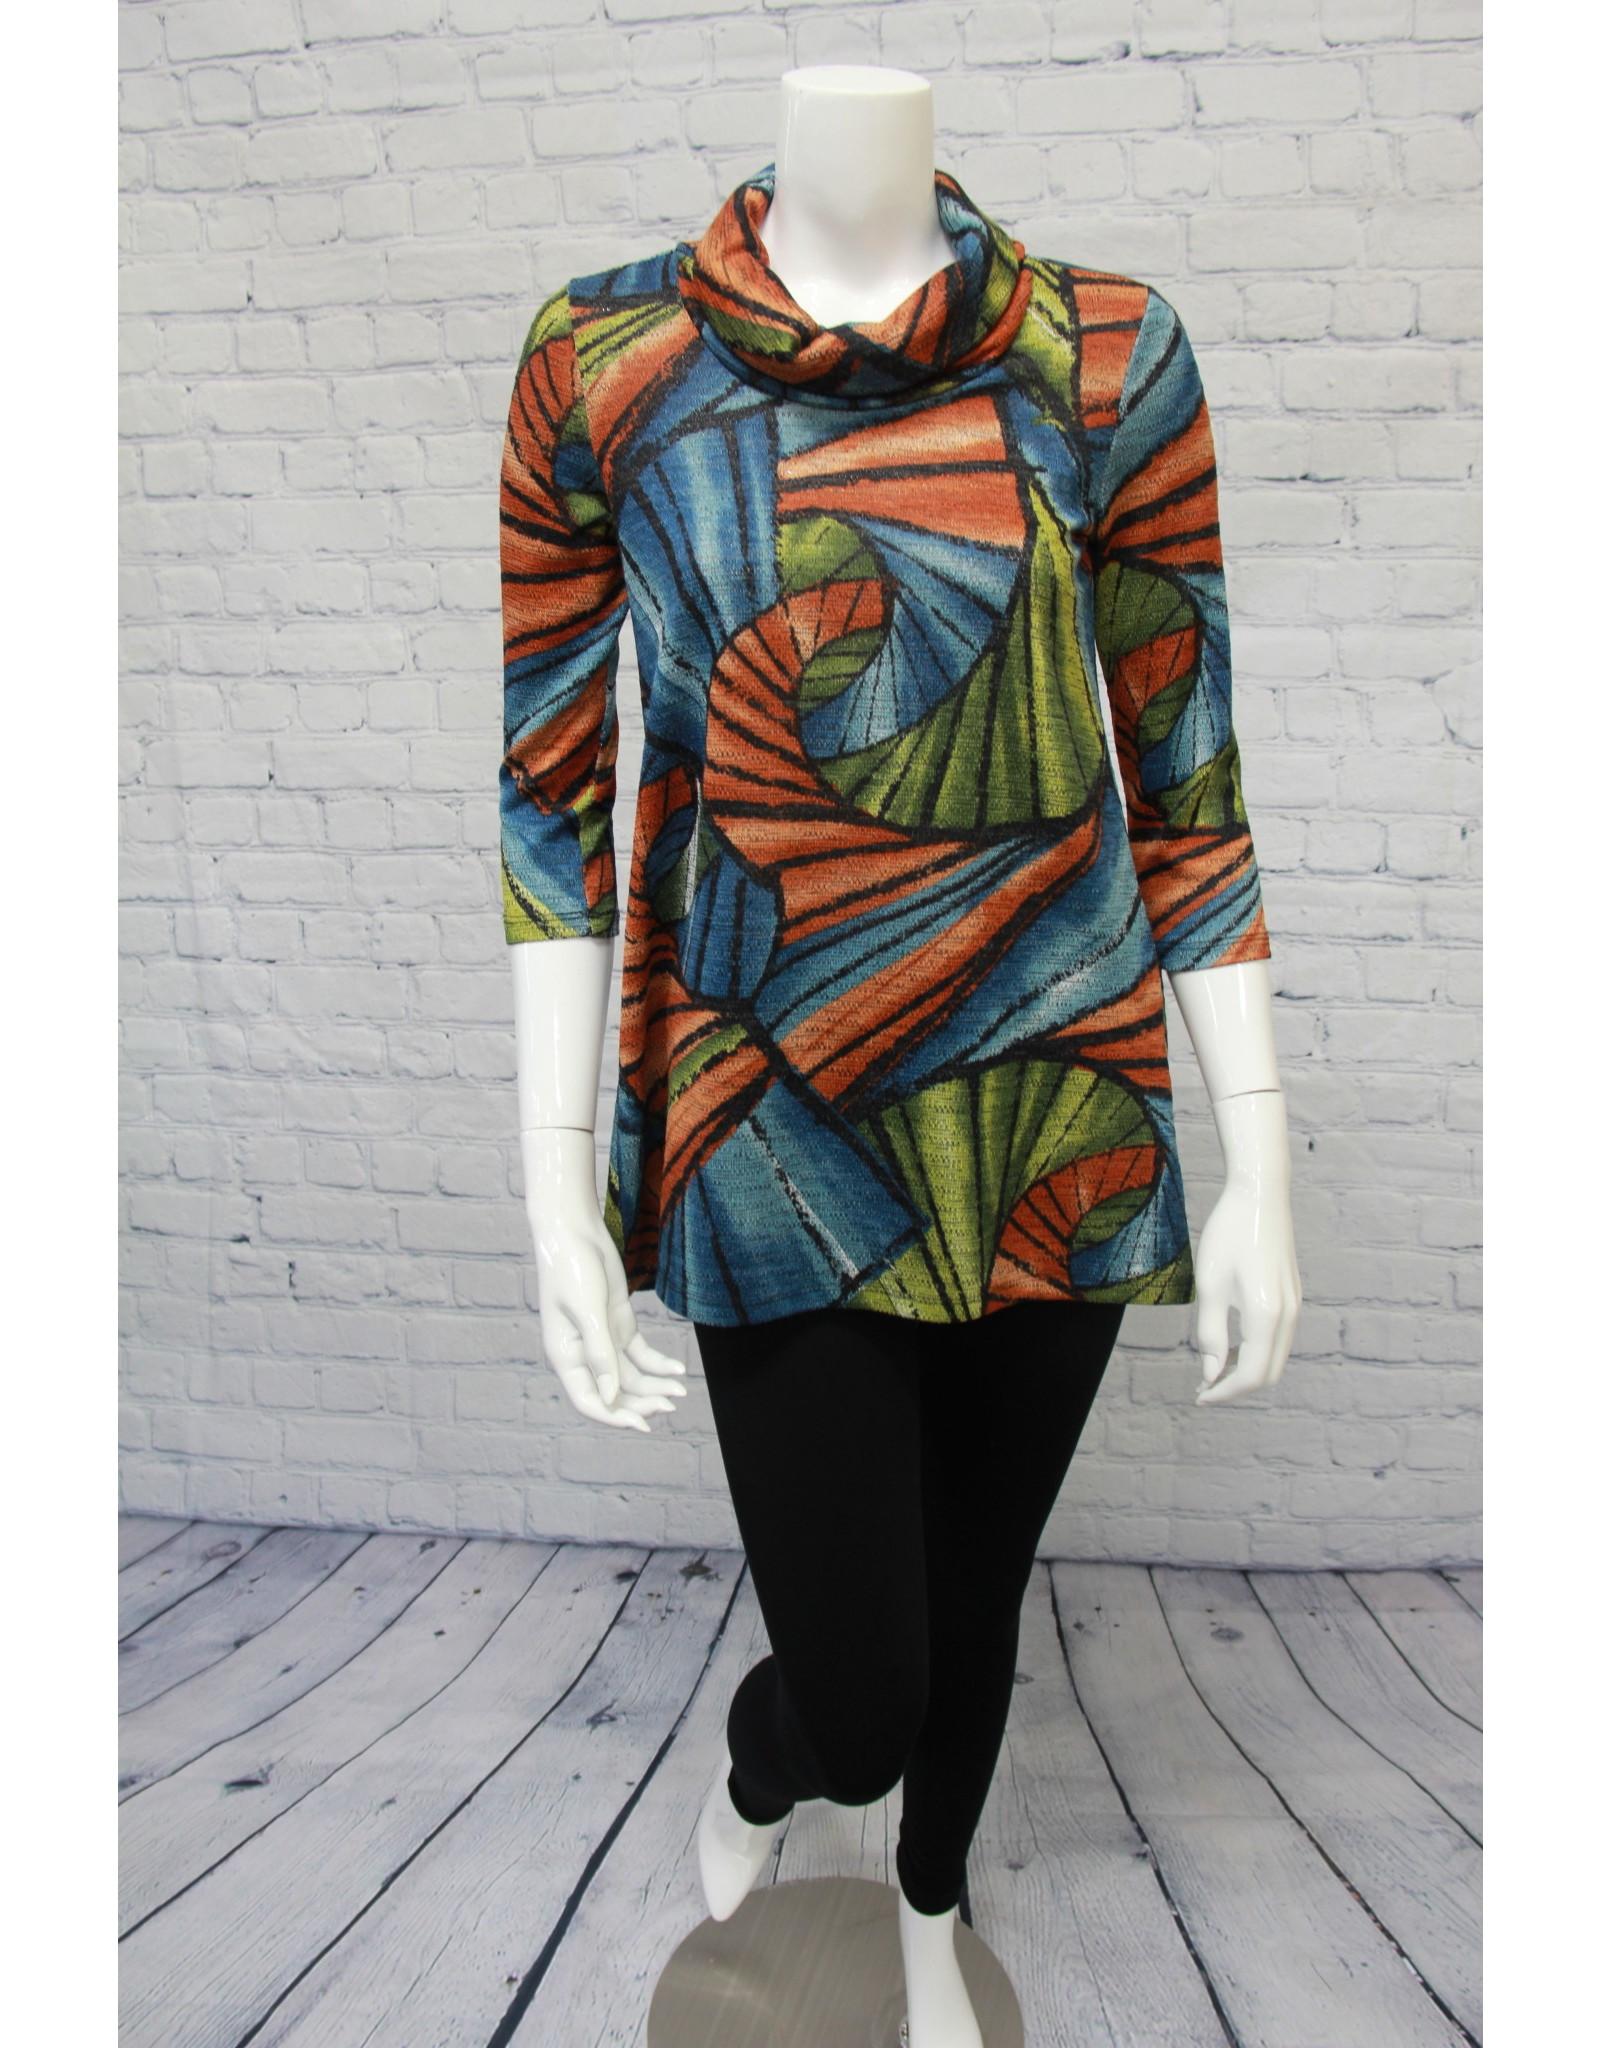 Pure Essence Multi Colored Tunic